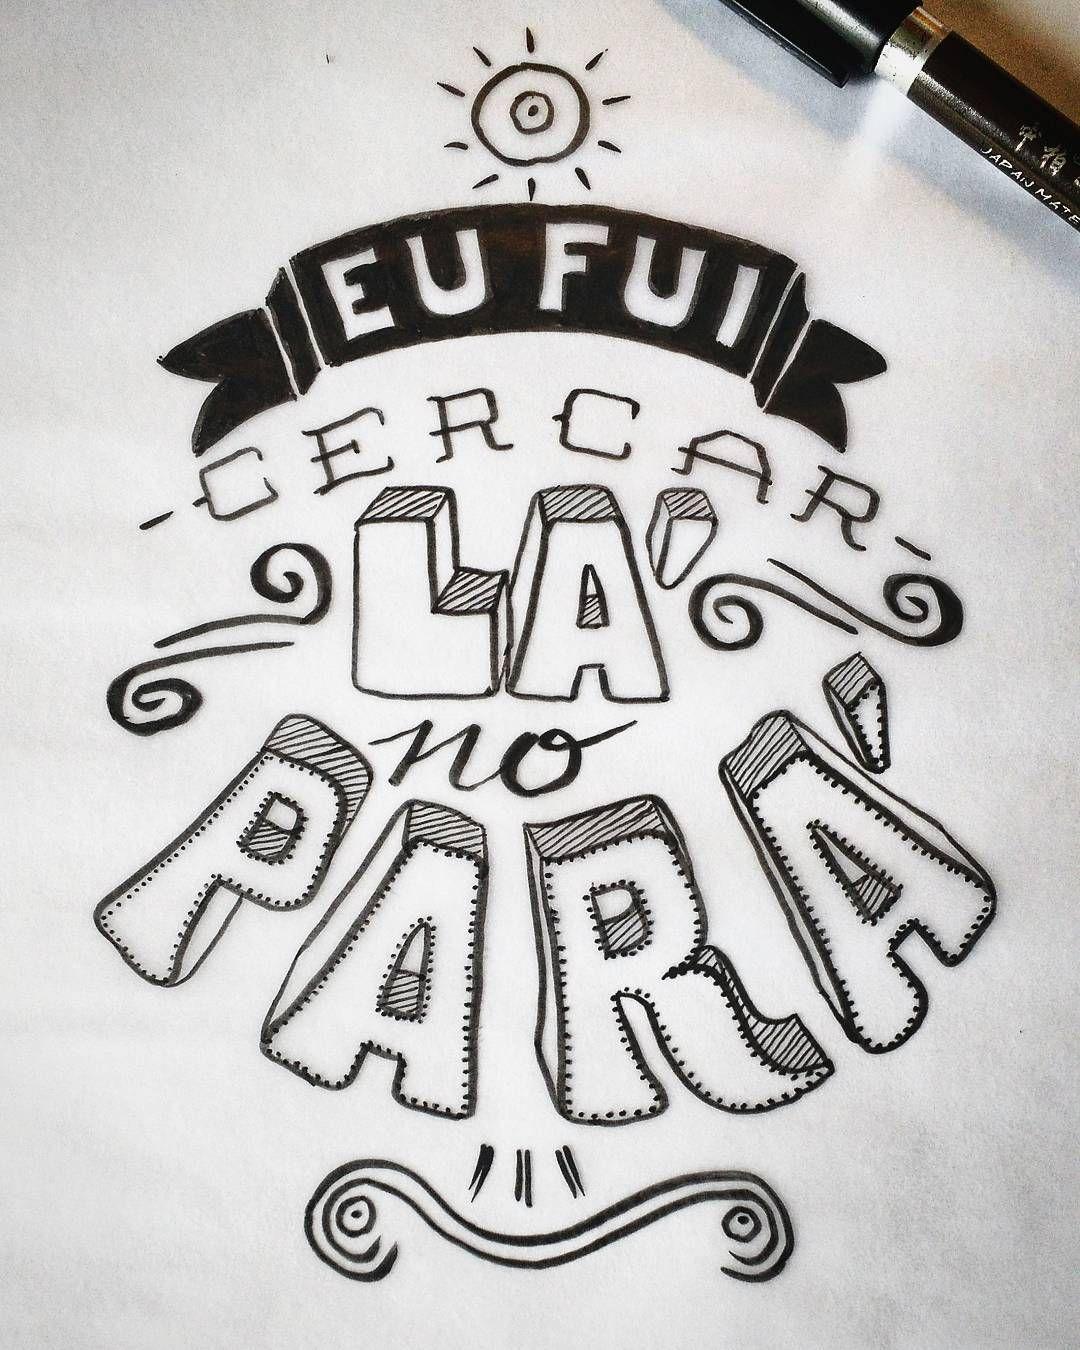 Eu fui cercar lá no Pará - Acadêmicos da cerca frango #art #graphic #letras #lettering #letters #desenho #dessin #dibujo #handlettering #handmadetype #calligraphy #handmade #handmadefont #typographyinspired #typeoftheday #typography #type #artoftheday #tracing #sketch #caligrafia #graphicdesign #typedesign #instatype #design #cerca #cercafrango #carnaval #cerca-frango #carnaval2017 #carnavalSP